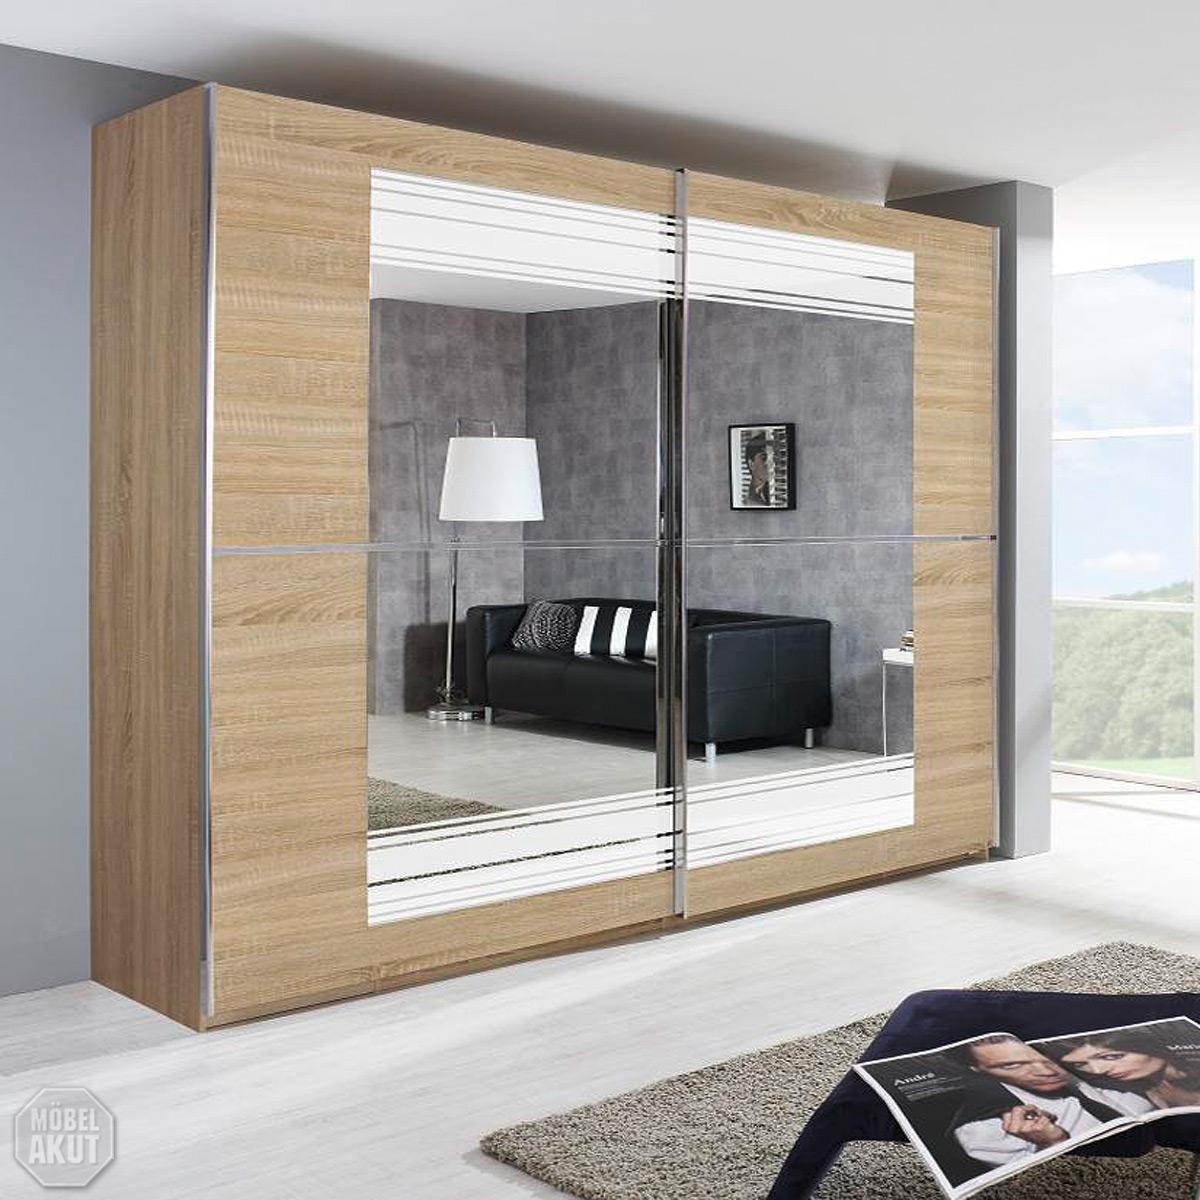 schwebet renschrank stratos schrank sonoma eiche s gerau spiegel gr enauswahl. Black Bedroom Furniture Sets. Home Design Ideas